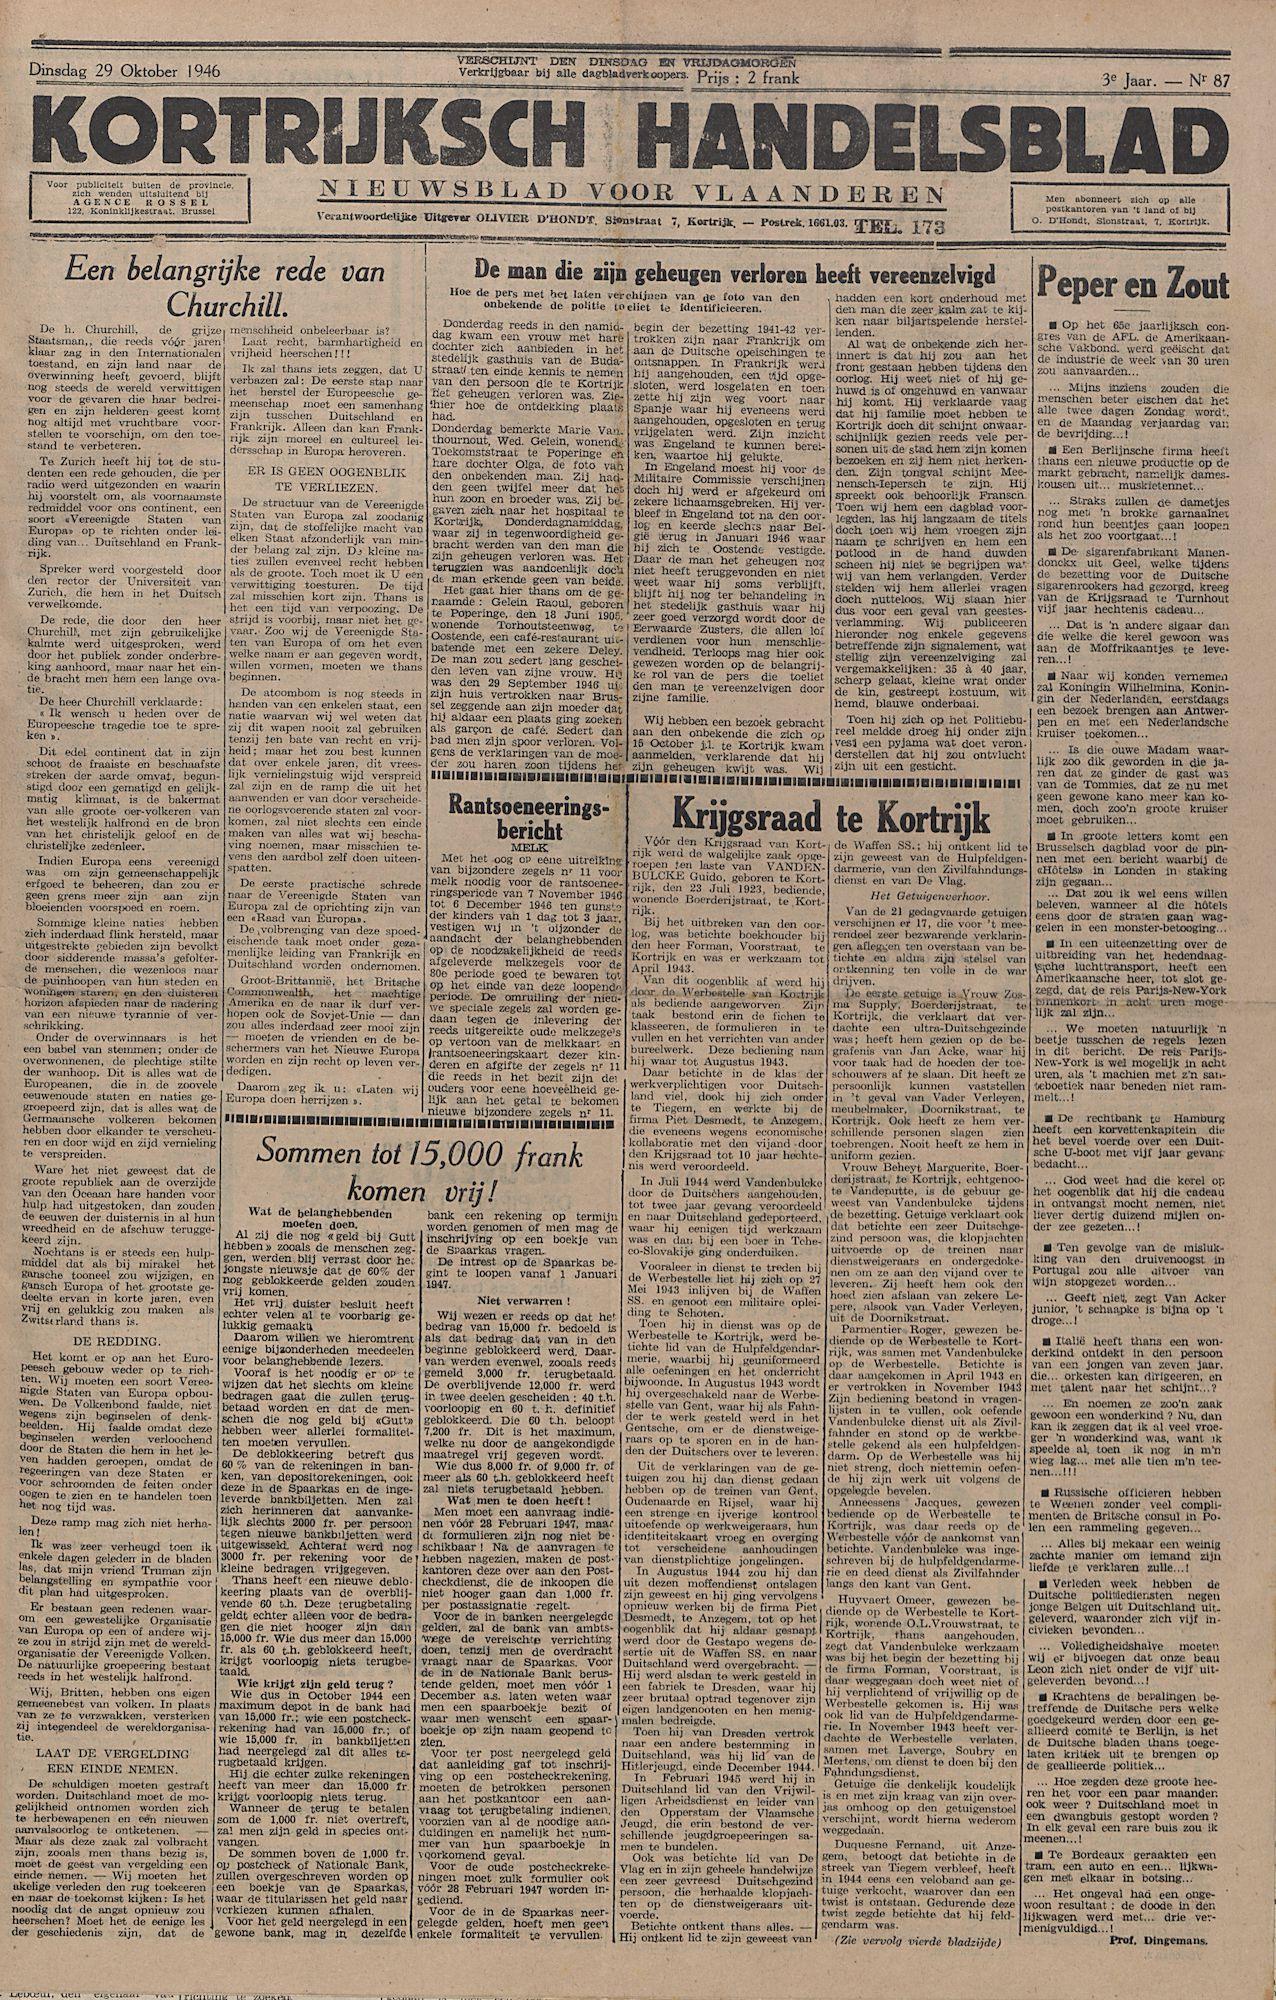 Kortrijksch Handelsblad 29 oktober 1946 Nr87 p1